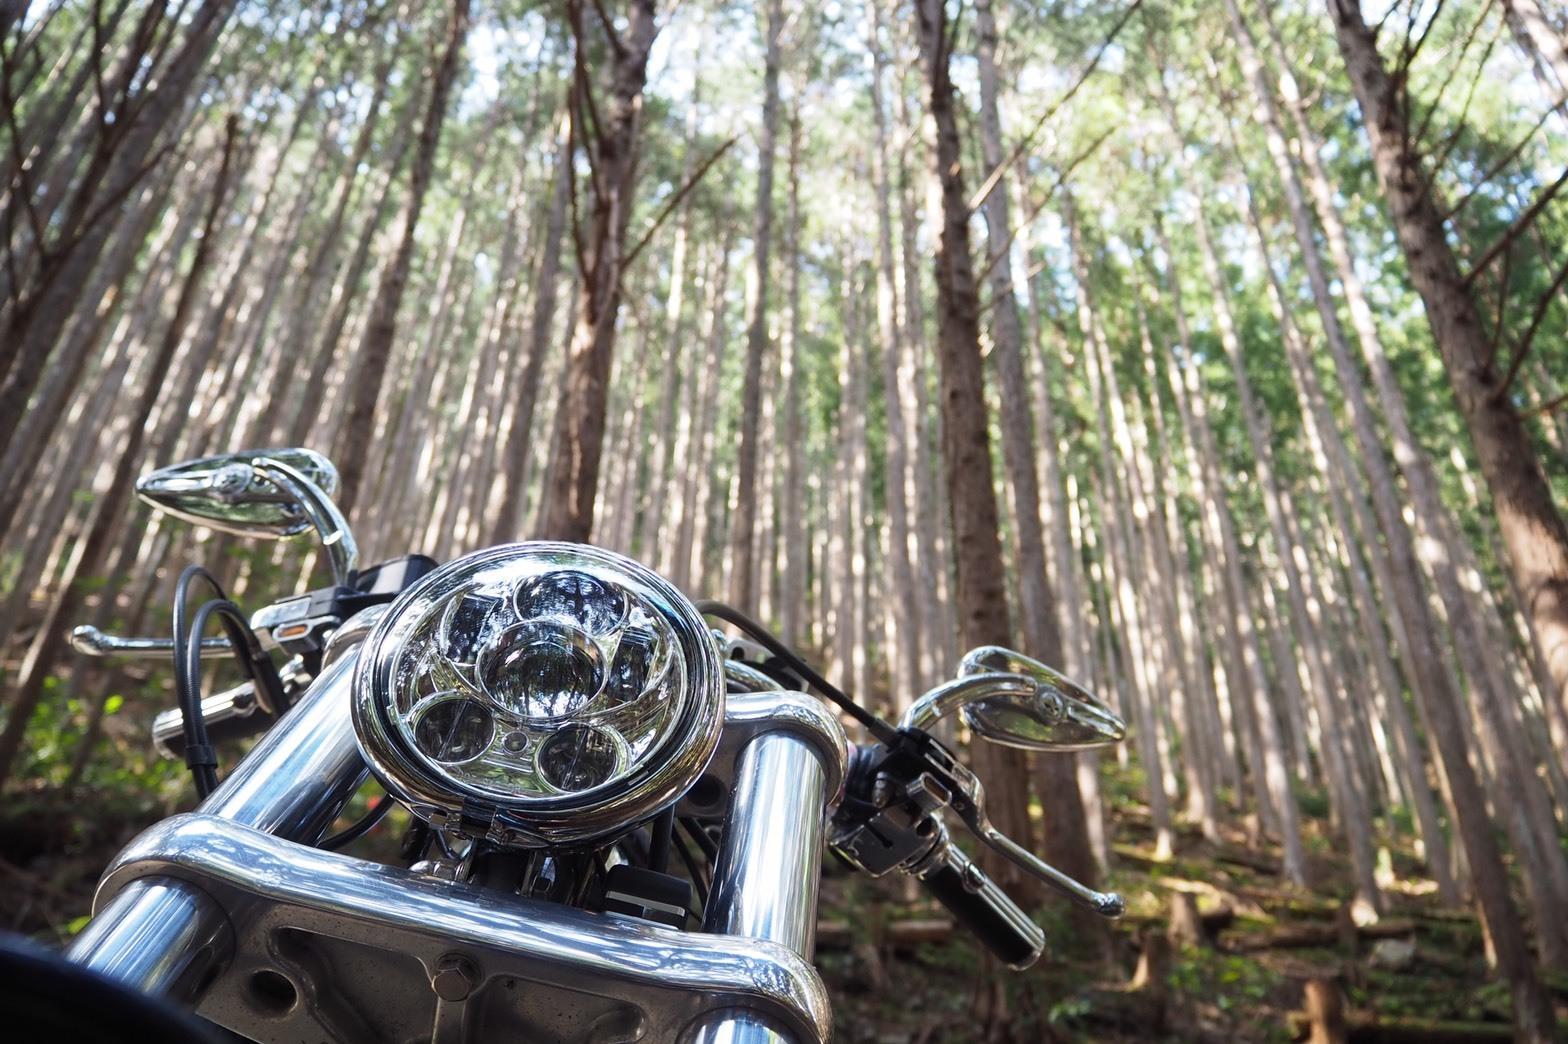 ぴーきち&ダイナ 紀伊半島ツーリング 和歌山県 おくとろ公園キャンプ場 杉林